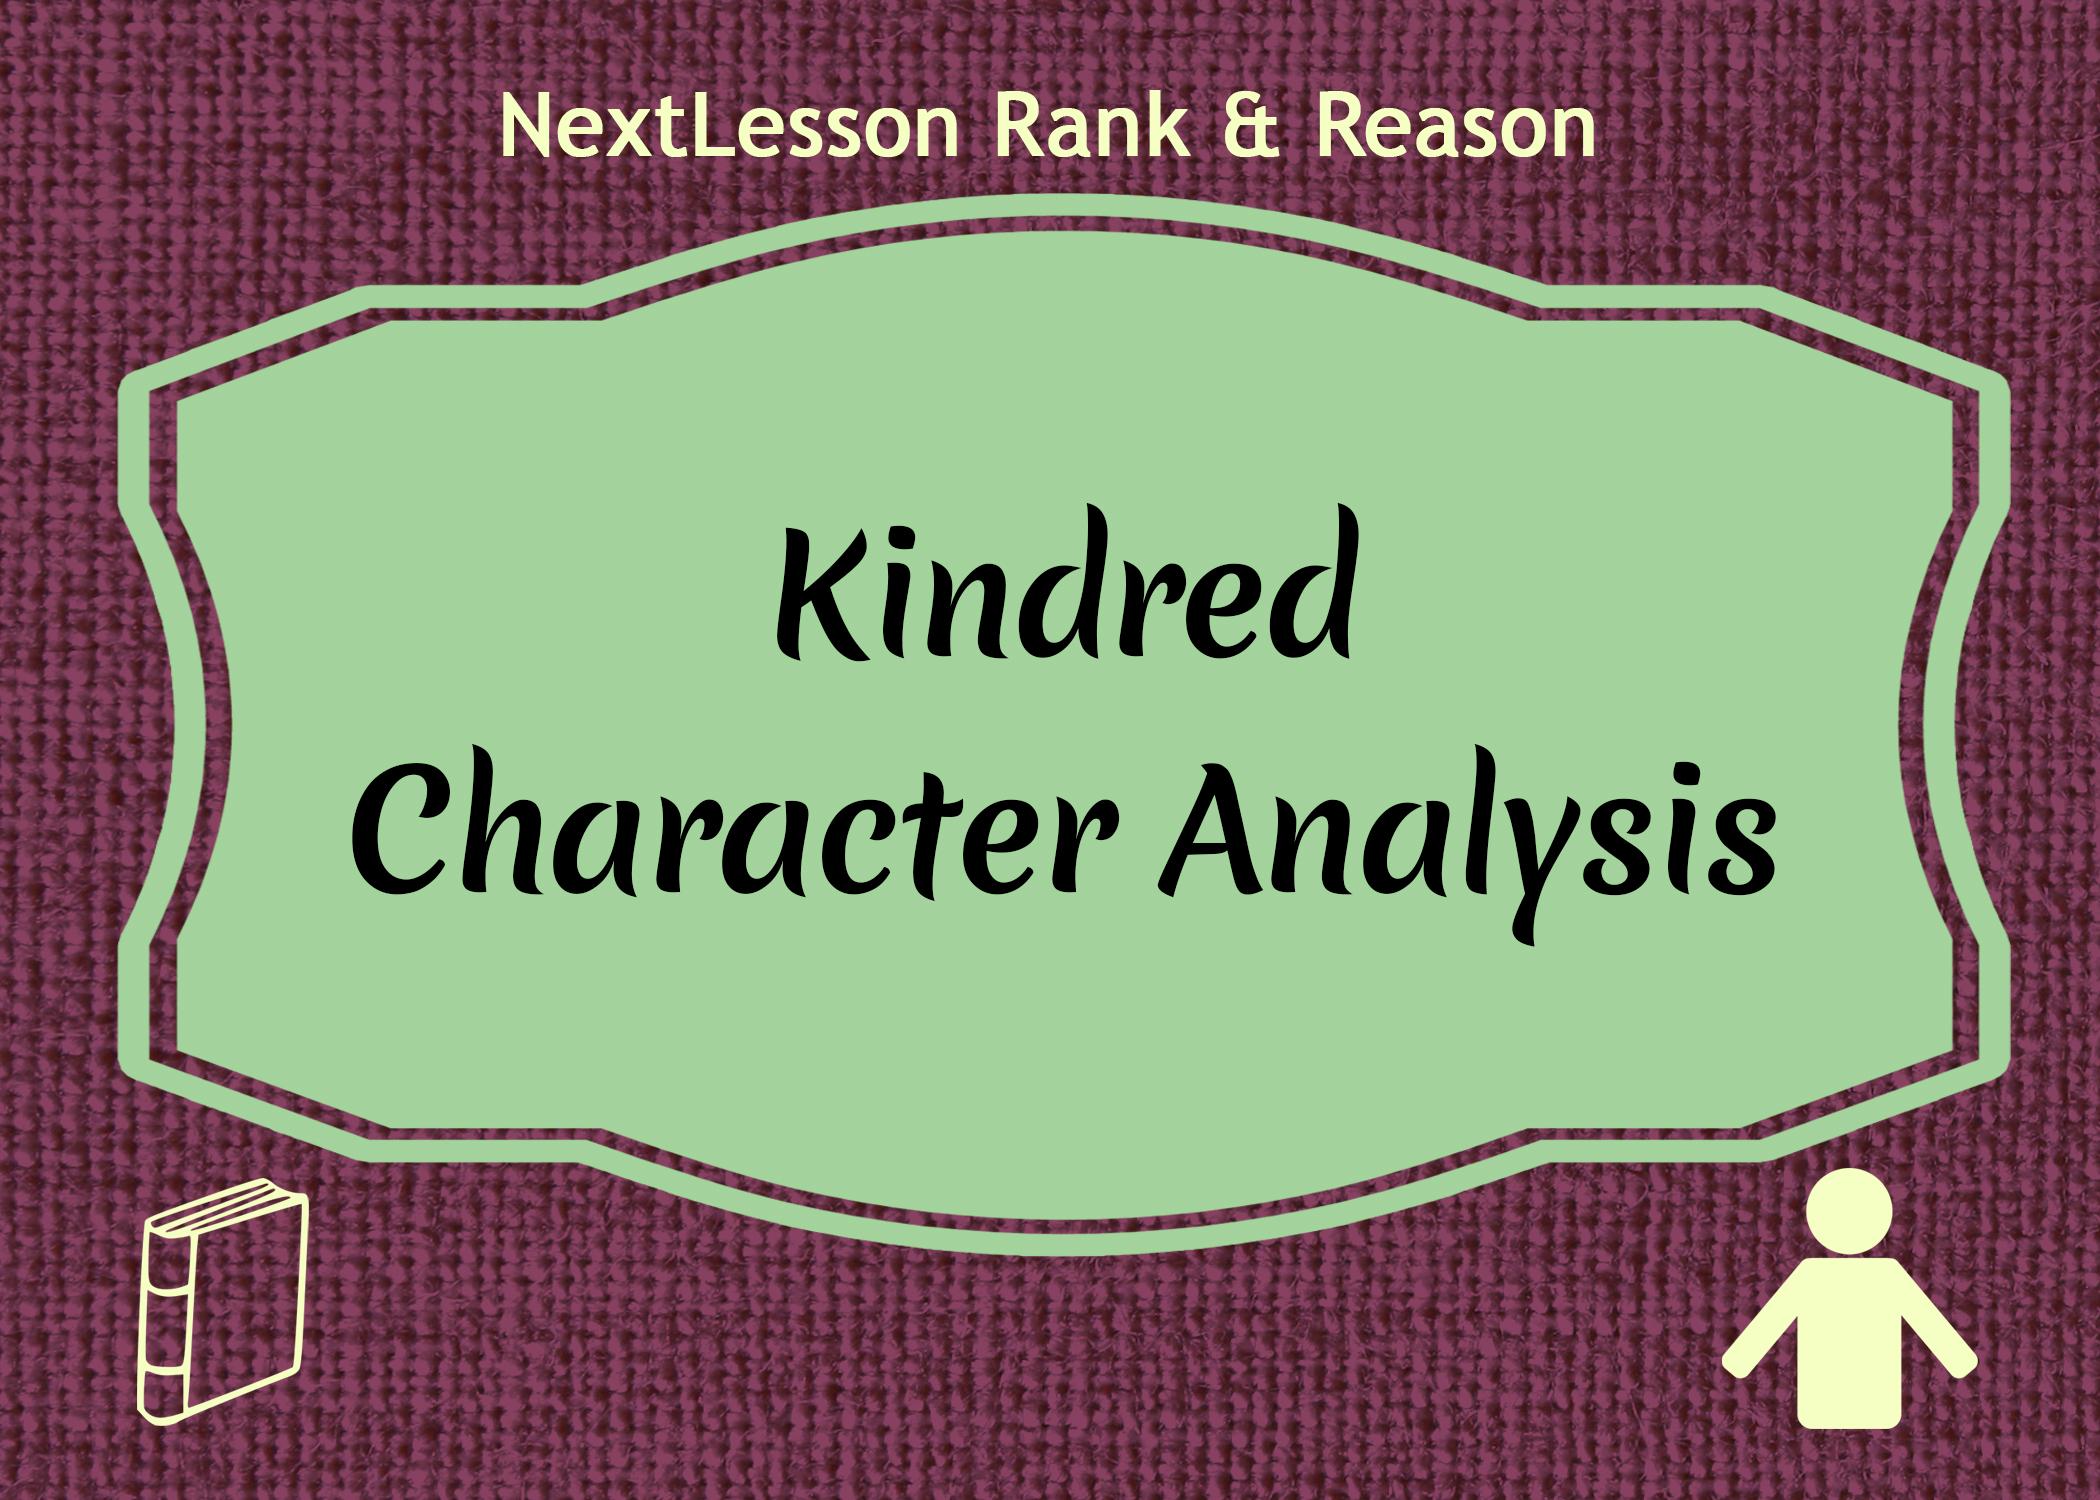 Kindred Characterysis